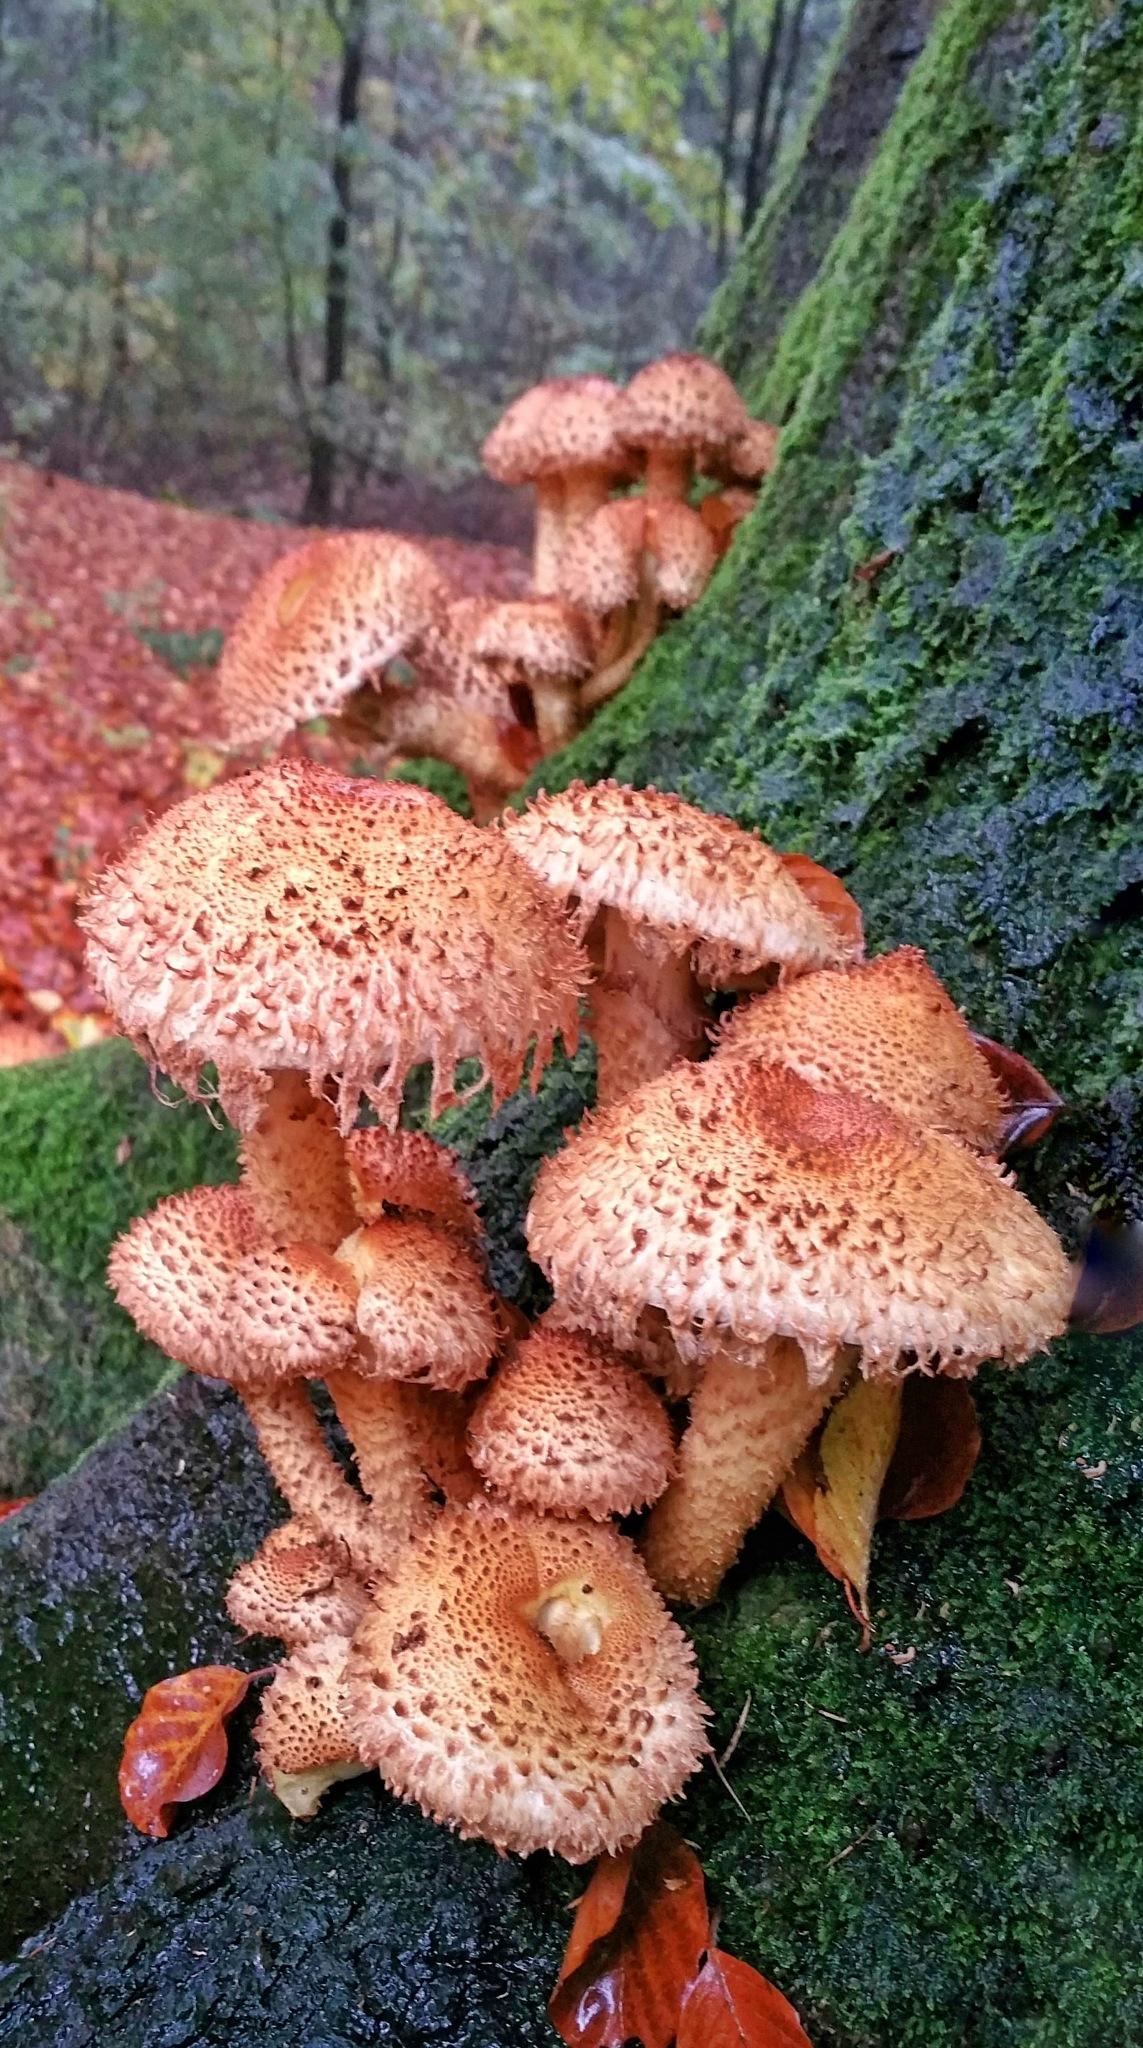 Mushroom Schubbige bundelzwam by StudioAnjaPhotography